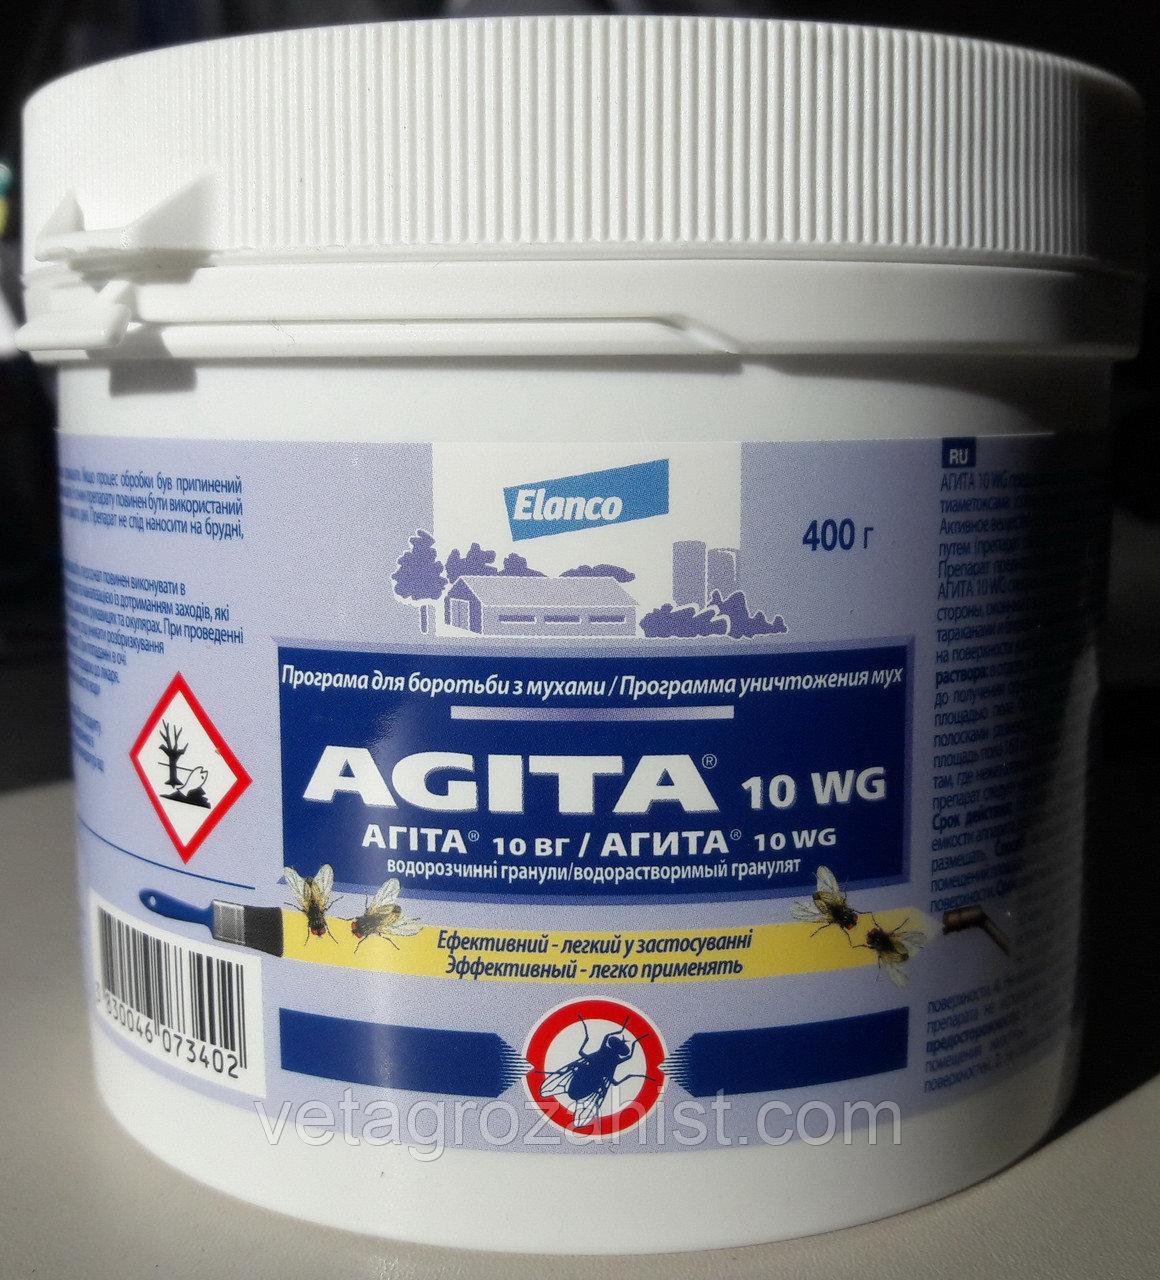 «агита»: инструкция по применению средства от мух, ос и других насекомых